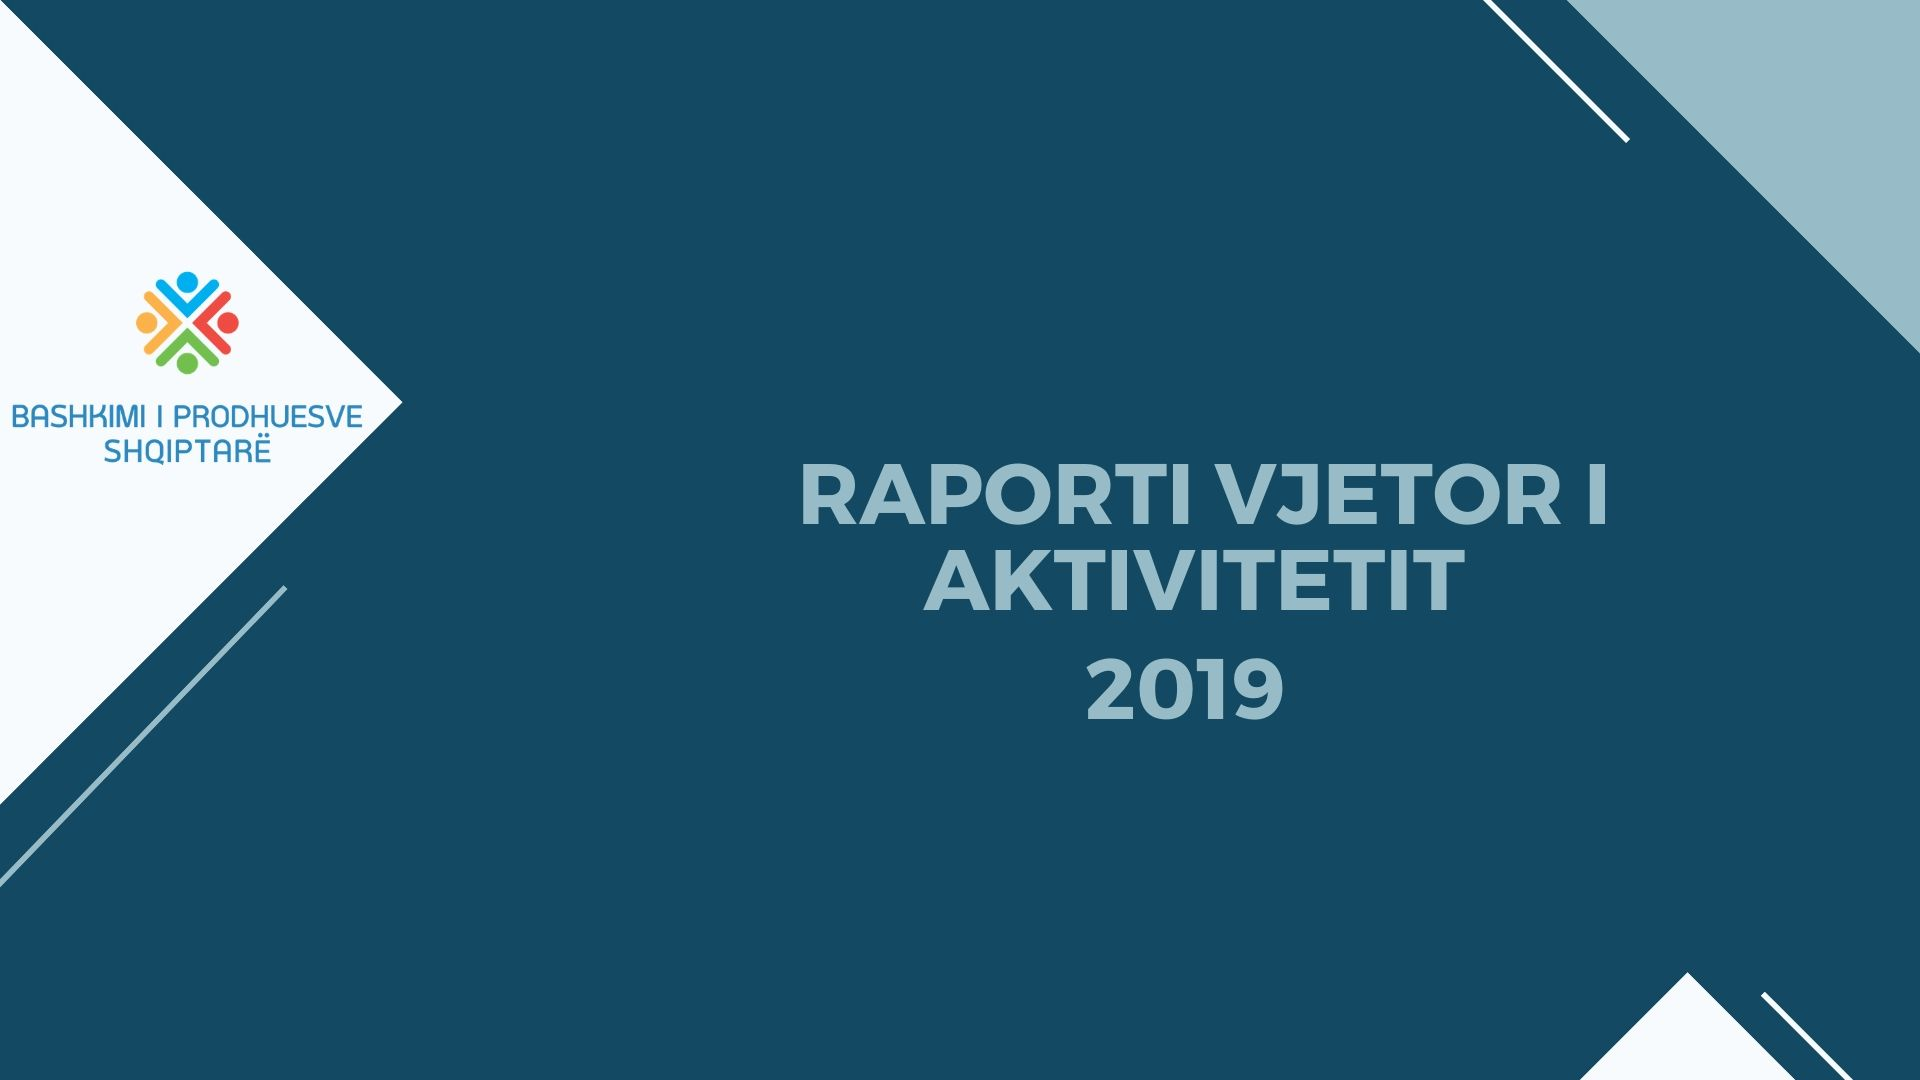 RAPORTI VJETOR I AKTIVITETIT 2019